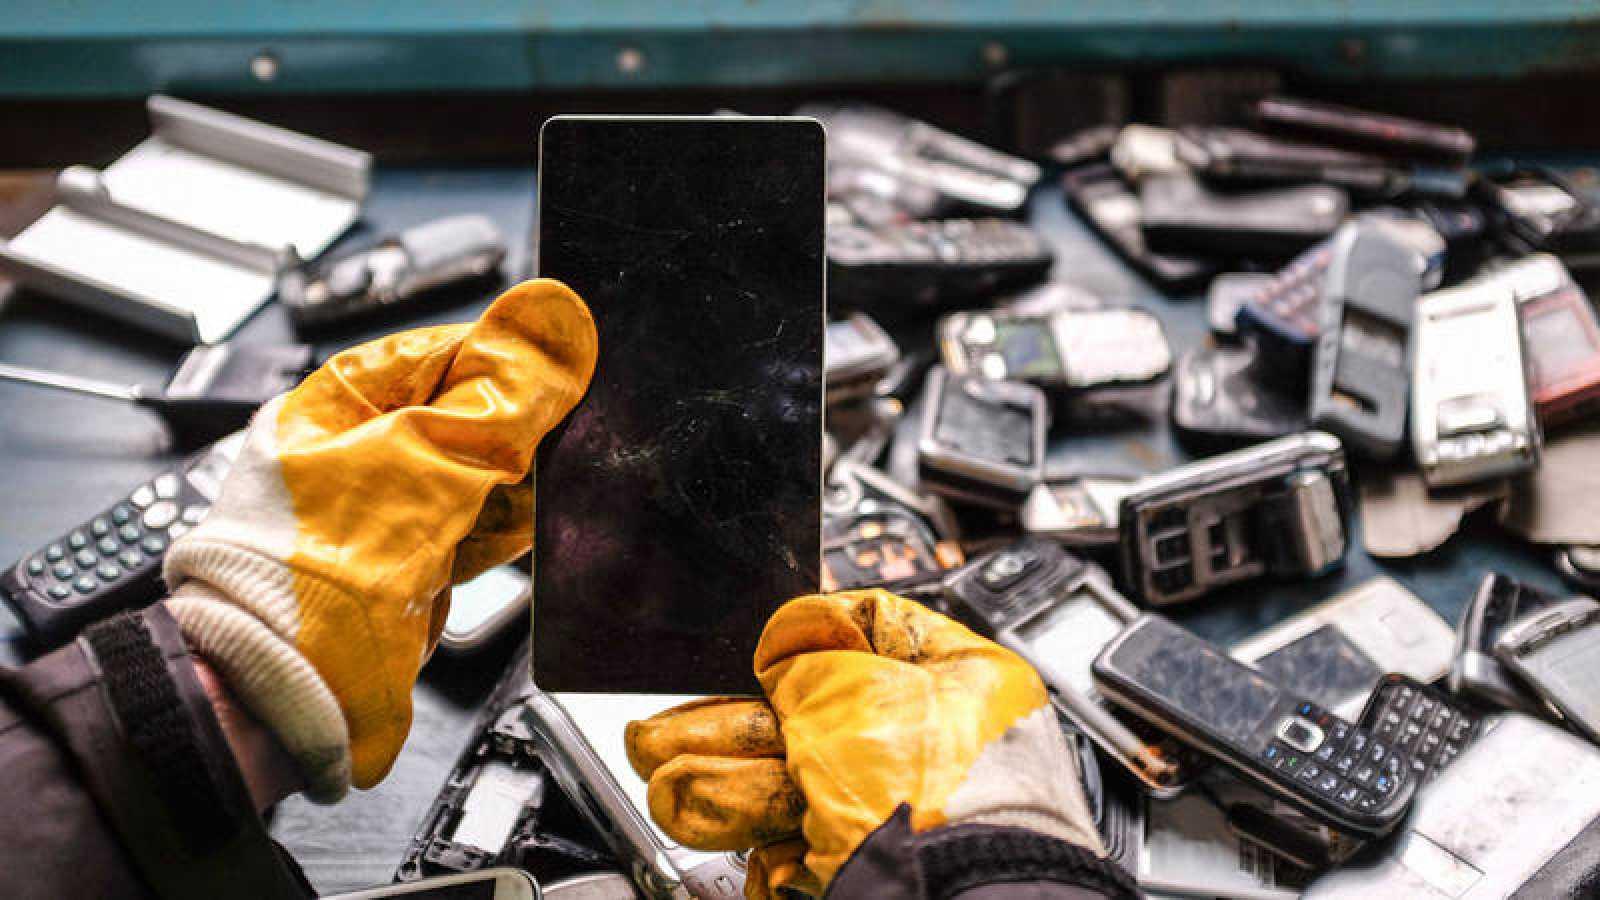 España es el quinto país de la Unión Europea que más basura electrónica genera